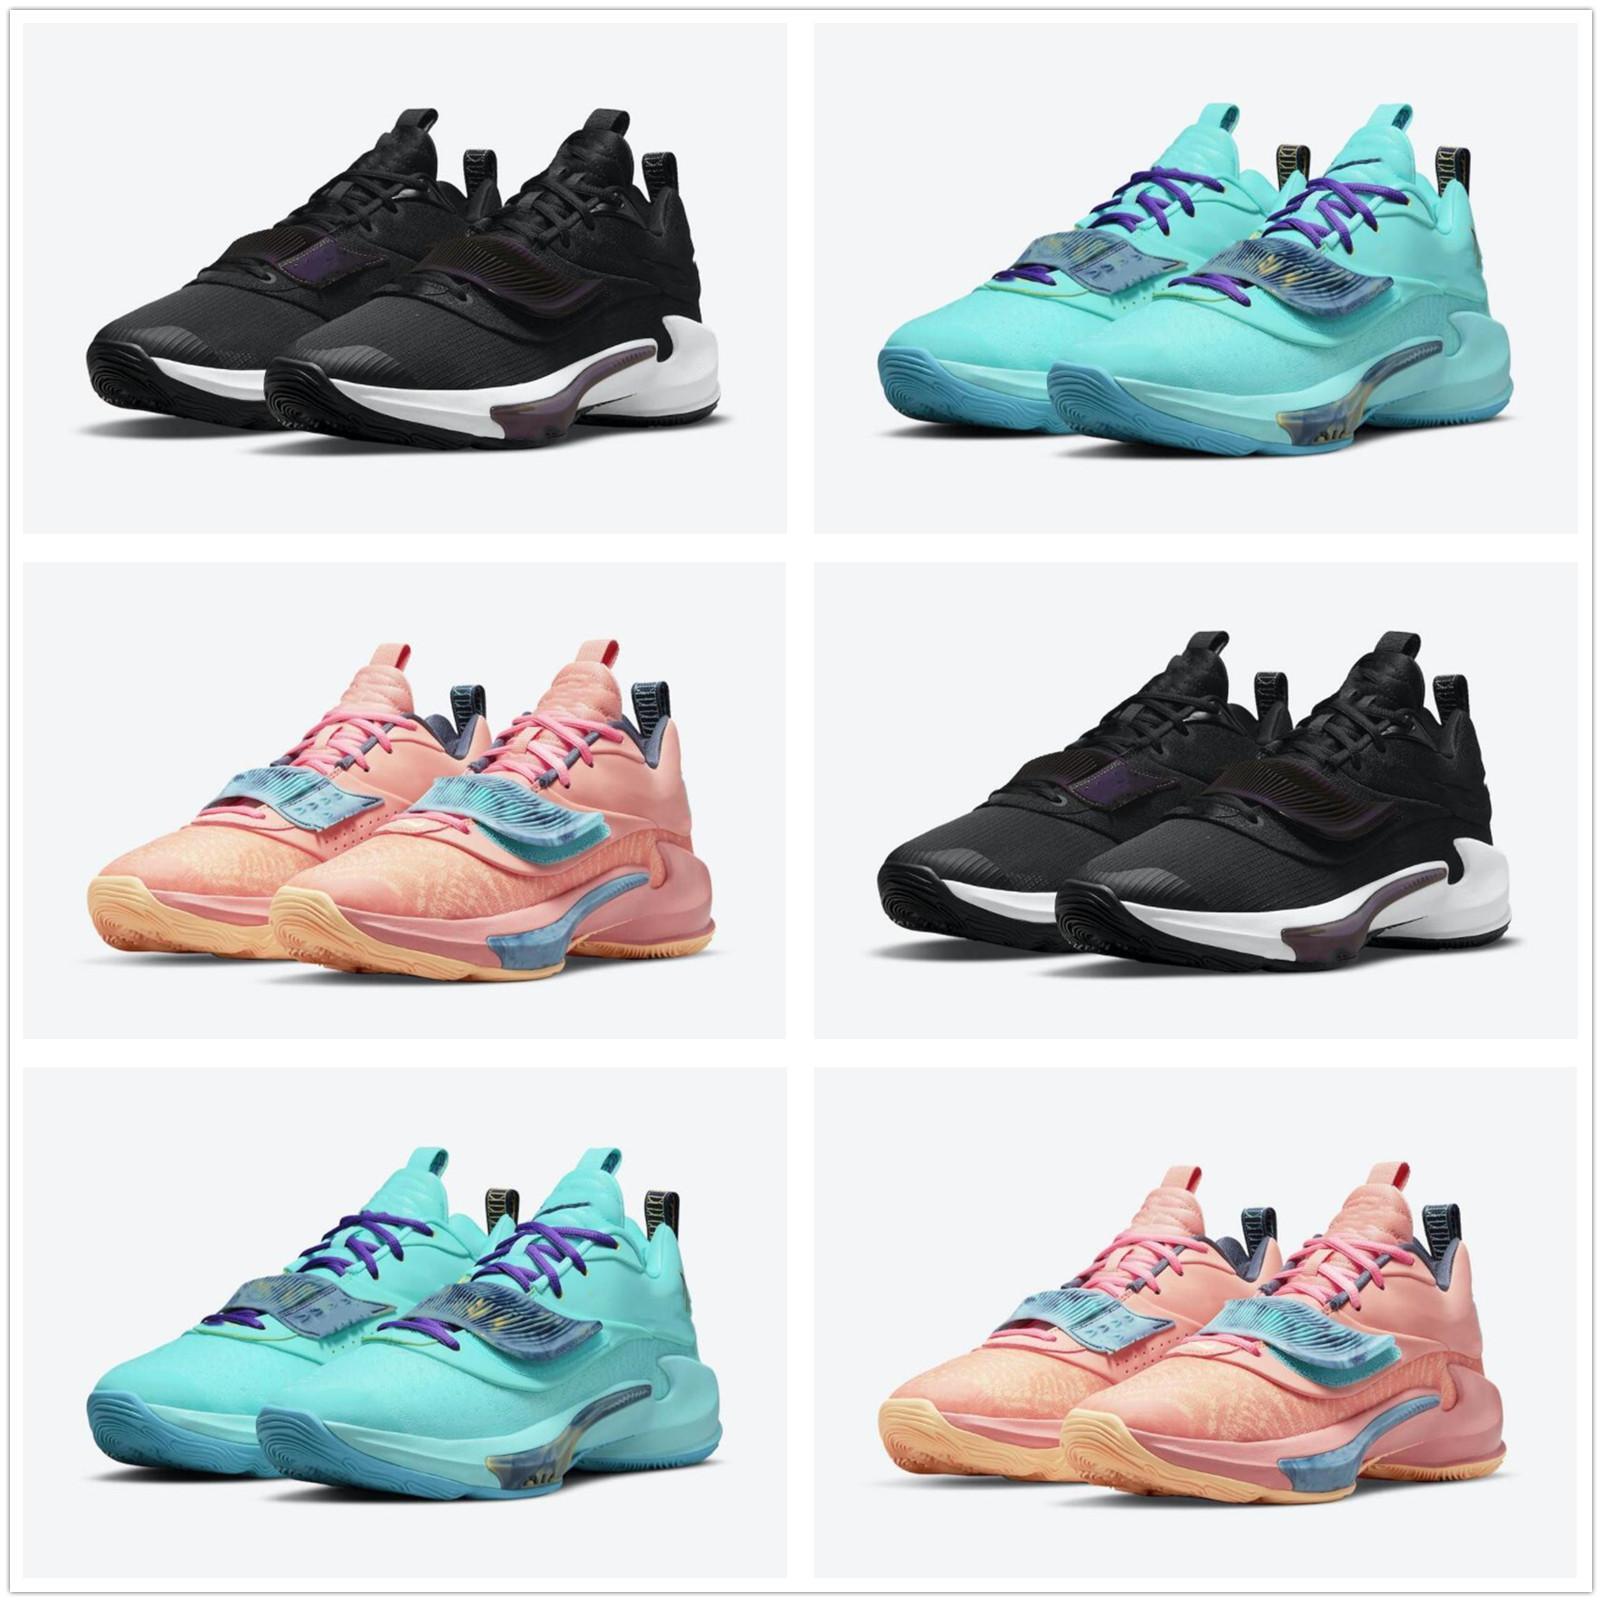 Zoom GA Yunan Freak 3 Canlı Bir Aqua Erkekler Basketbol Ayakkabıları Görünüyor Turuncu Siyah Spor Ayakkabı Sneakers Boyutu US7-US12